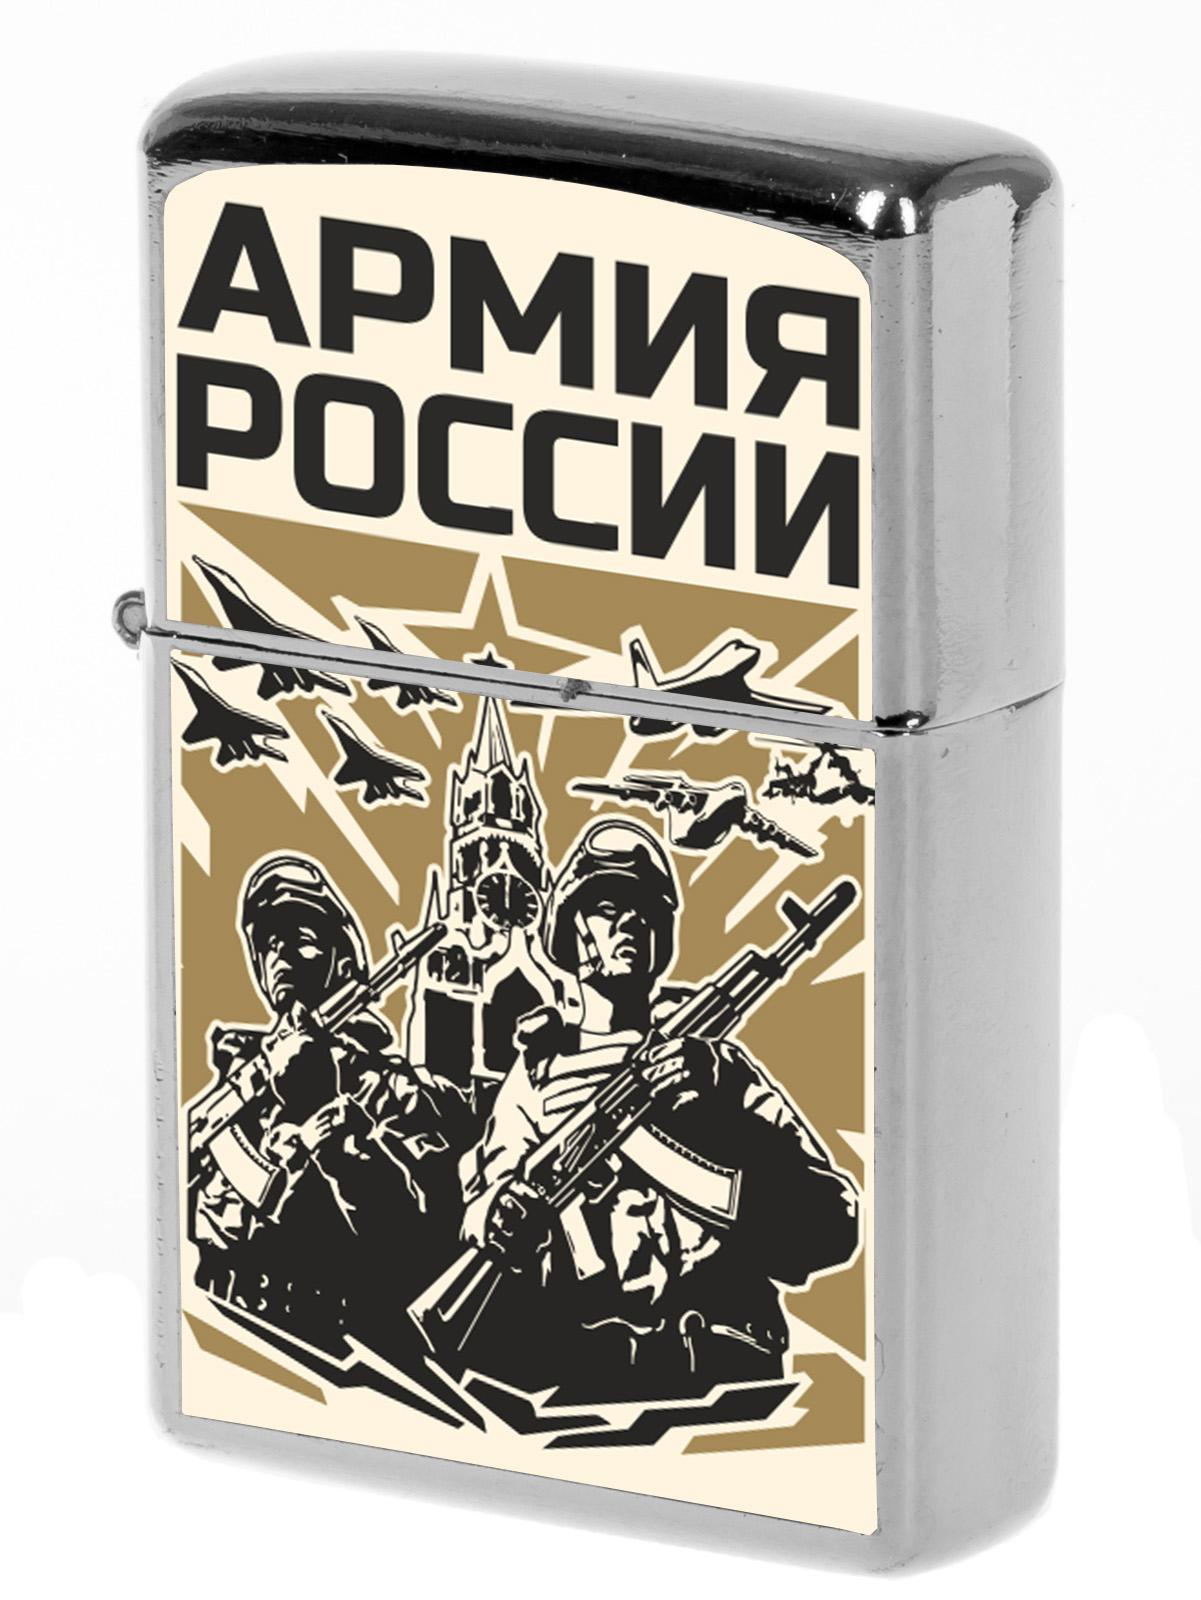 Зажигалка бензиновая Армия России  купить онлайн